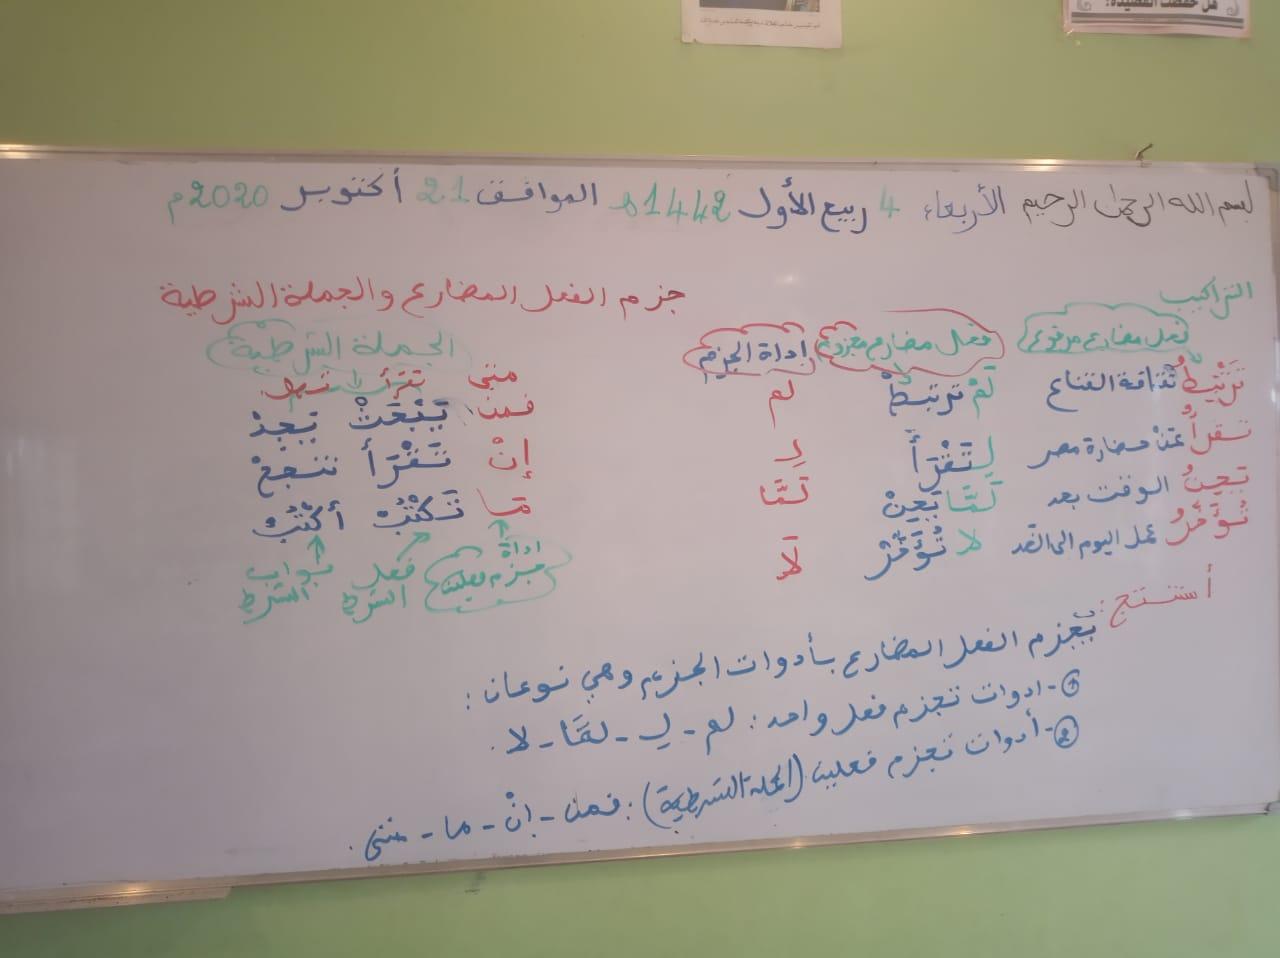 دروس نمودجية بالصور لمختلف مواد اللغة العربية المستوى السادس